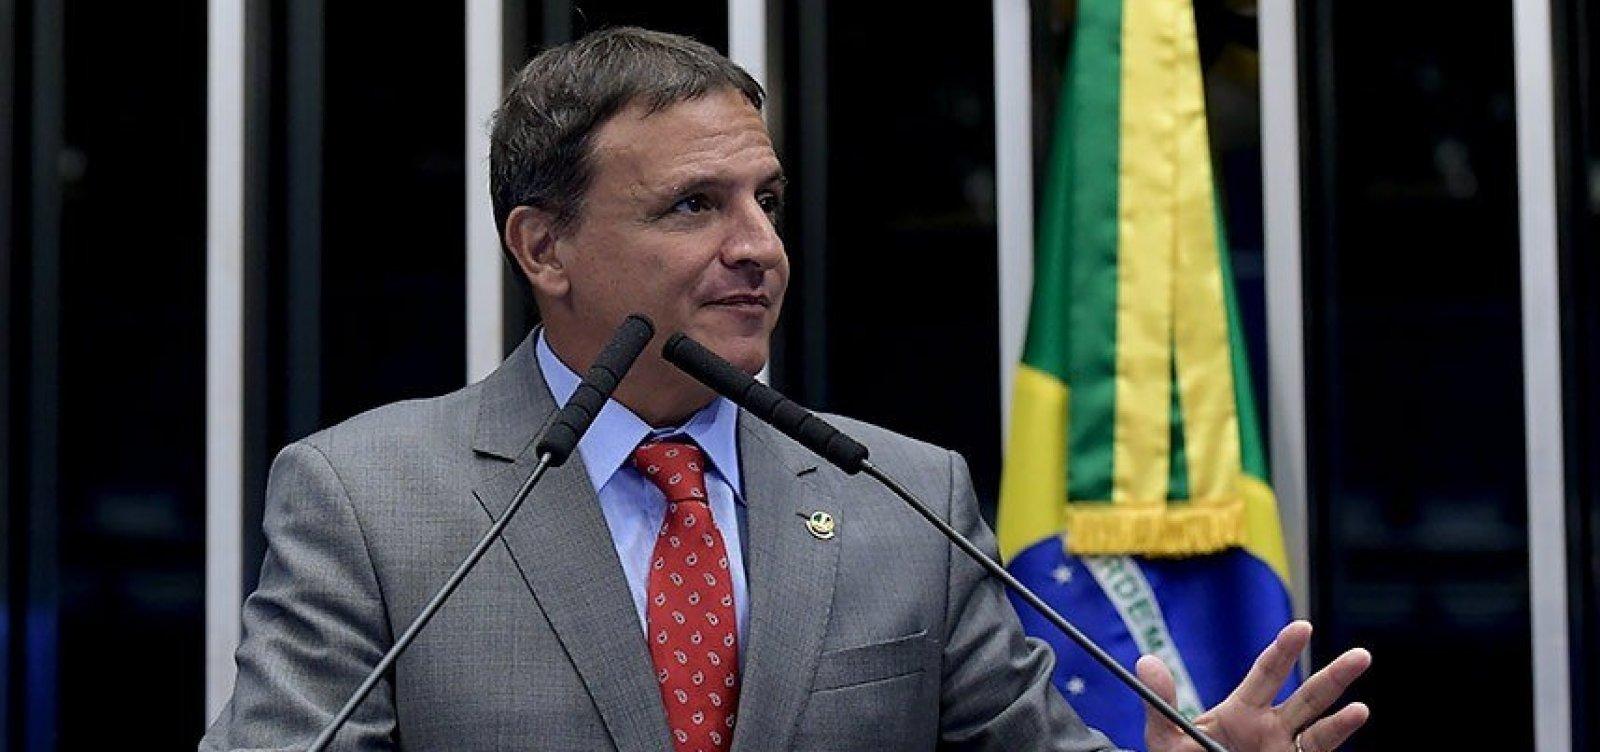 Relator do Orçamento 2021 defende auxílio a vulneráveis: 'Quem passa fome não pode esperar'